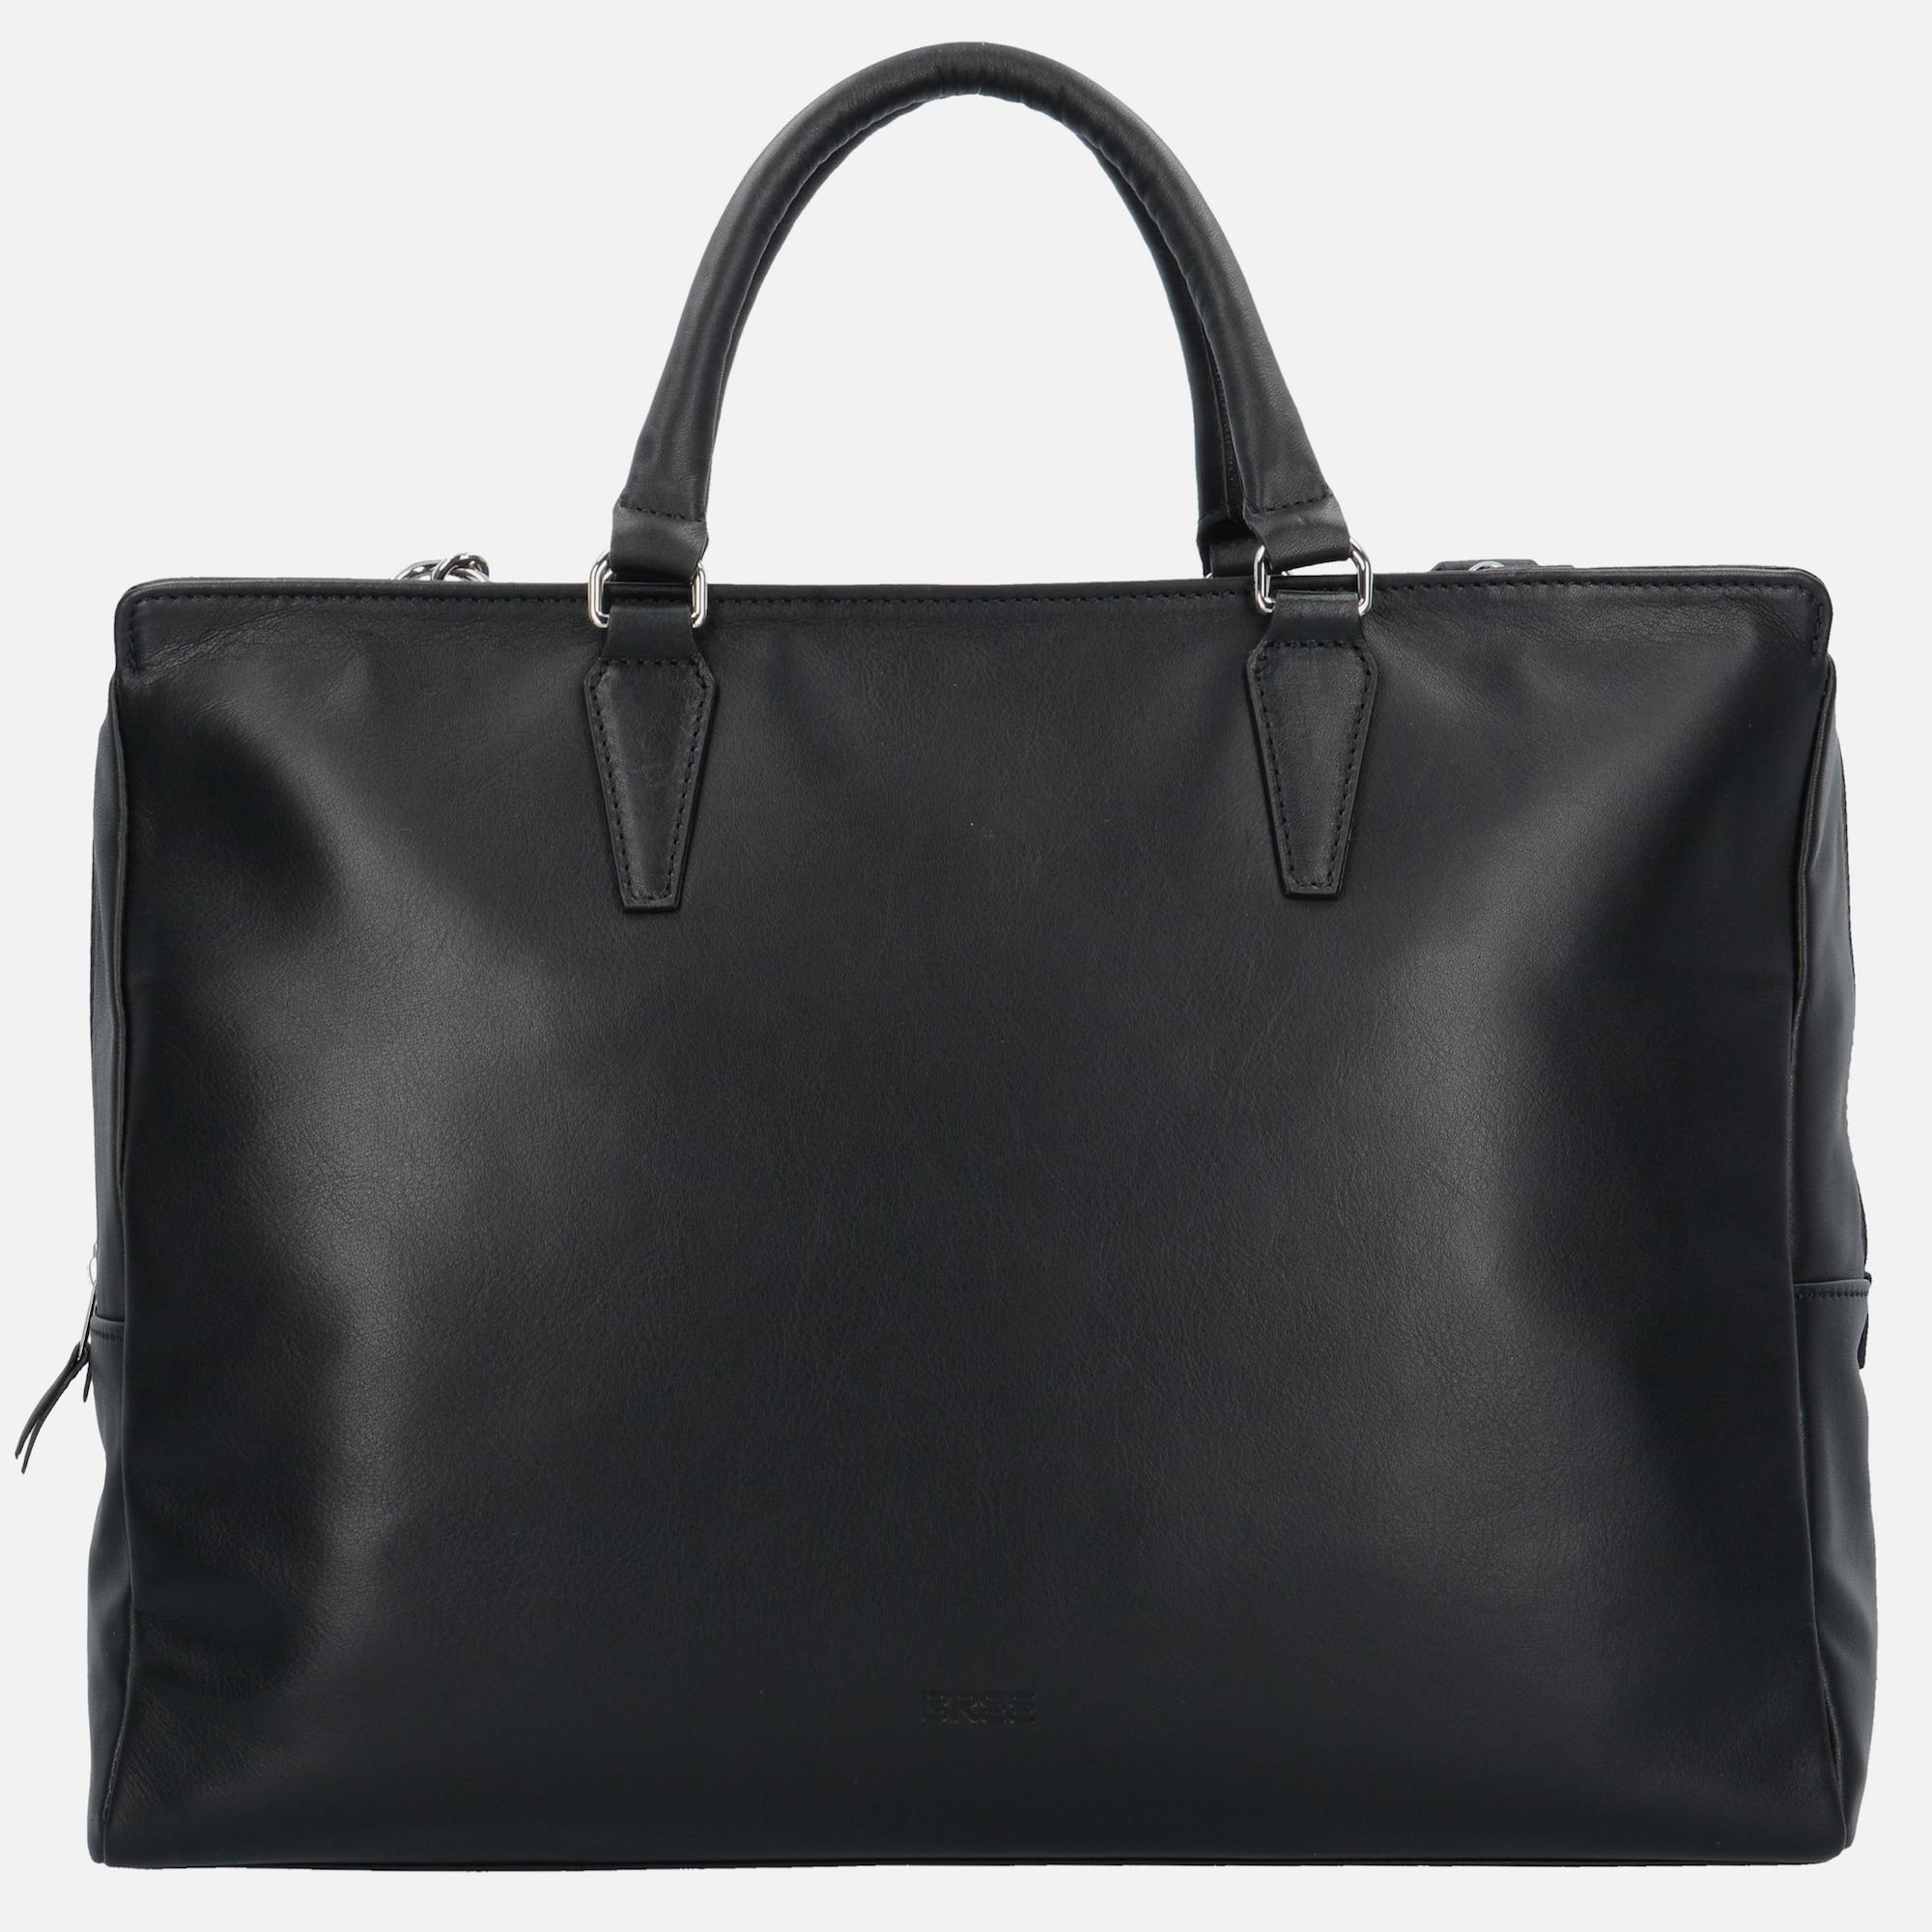 bree 39 stockholm 39 handtasche in schwarz about you. Black Bedroom Furniture Sets. Home Design Ideas